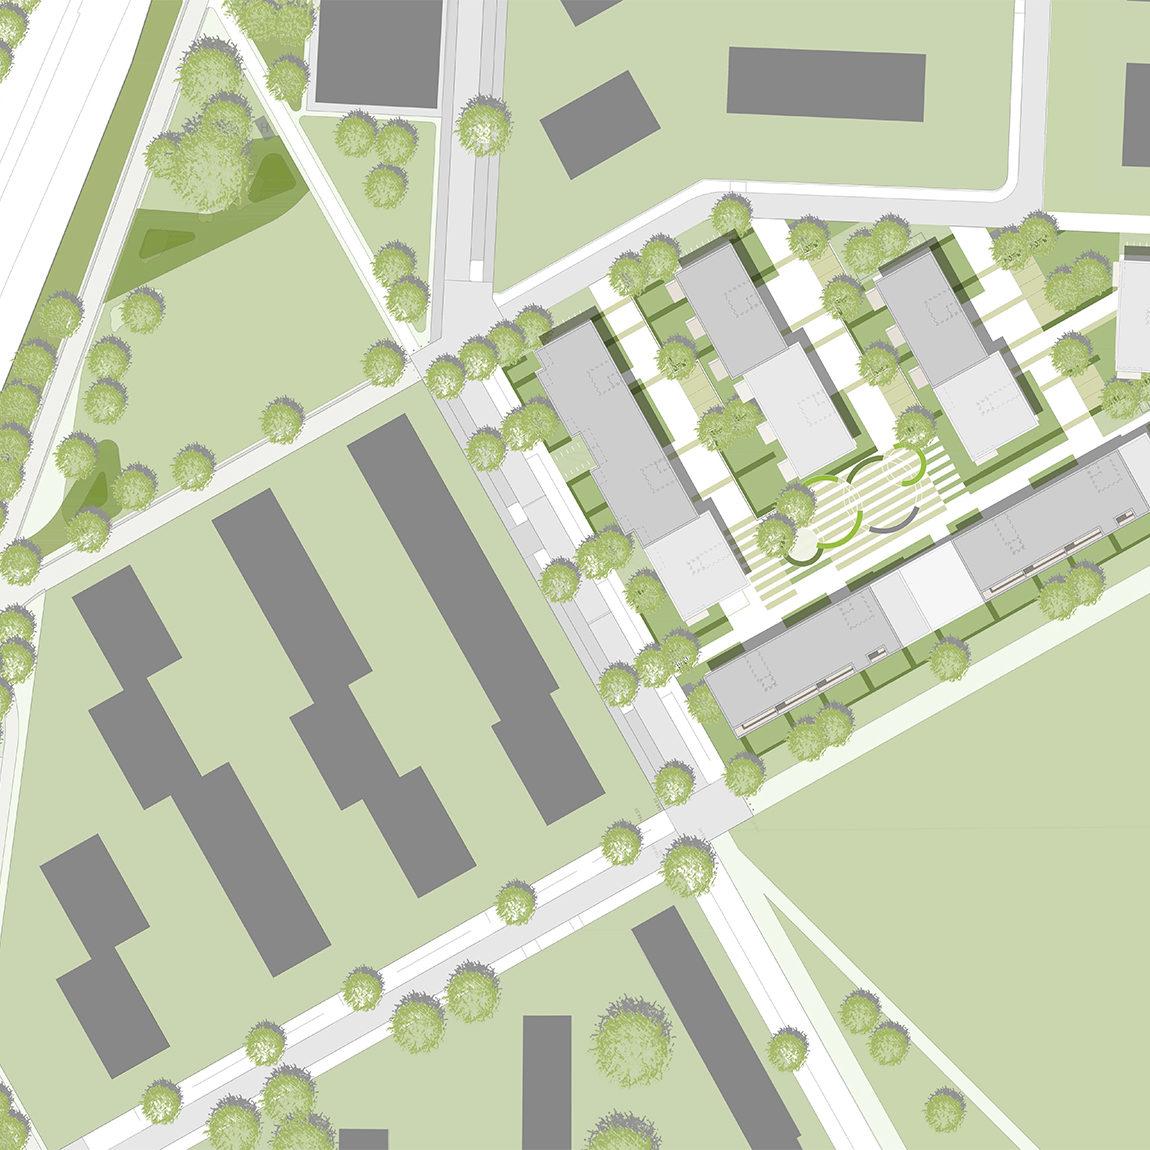 Lageplan Wettbewerb Wohnungsbau Baufeld 2.1 in der Lincoln Siedlung in Darmstadt von Bitsch+Bienstein Architekten